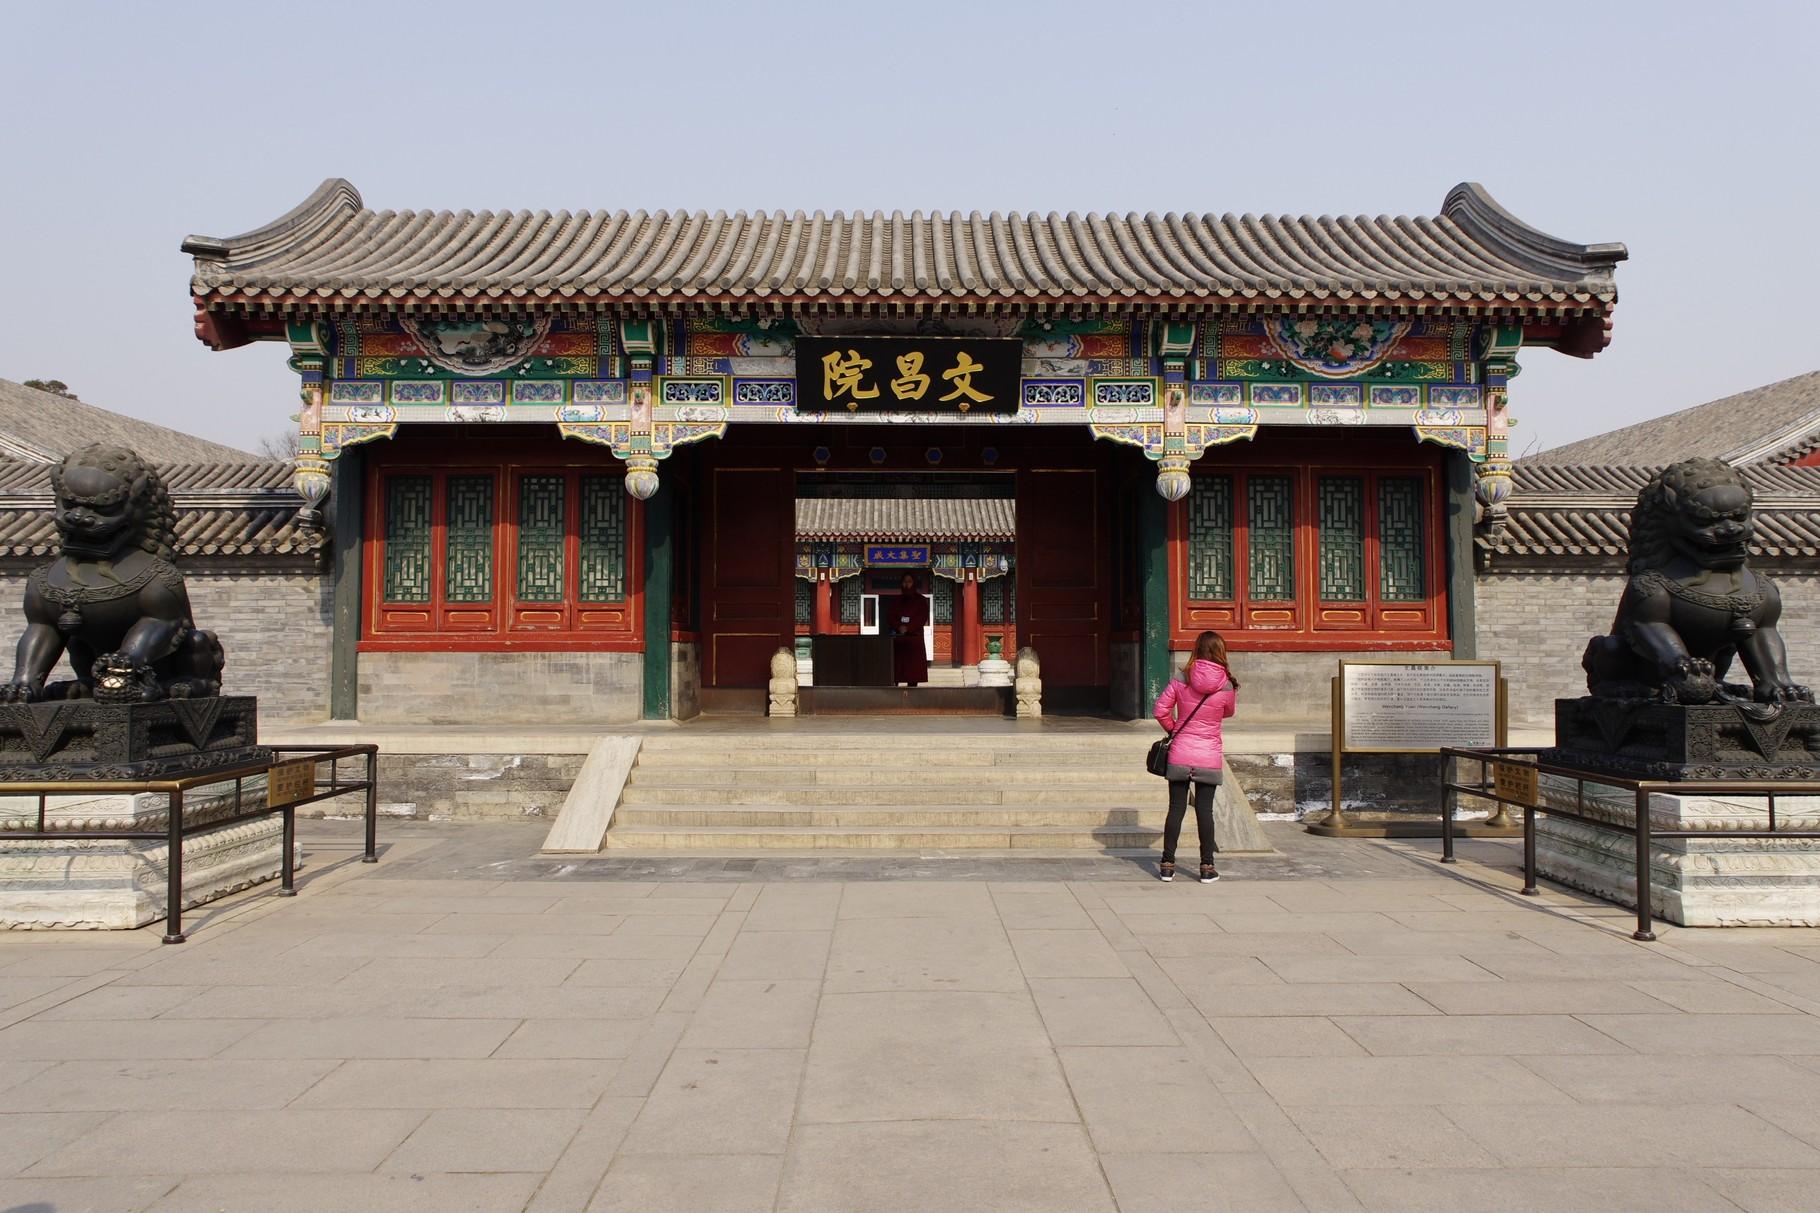 北東岸 工芸品展示館となっている文昌院